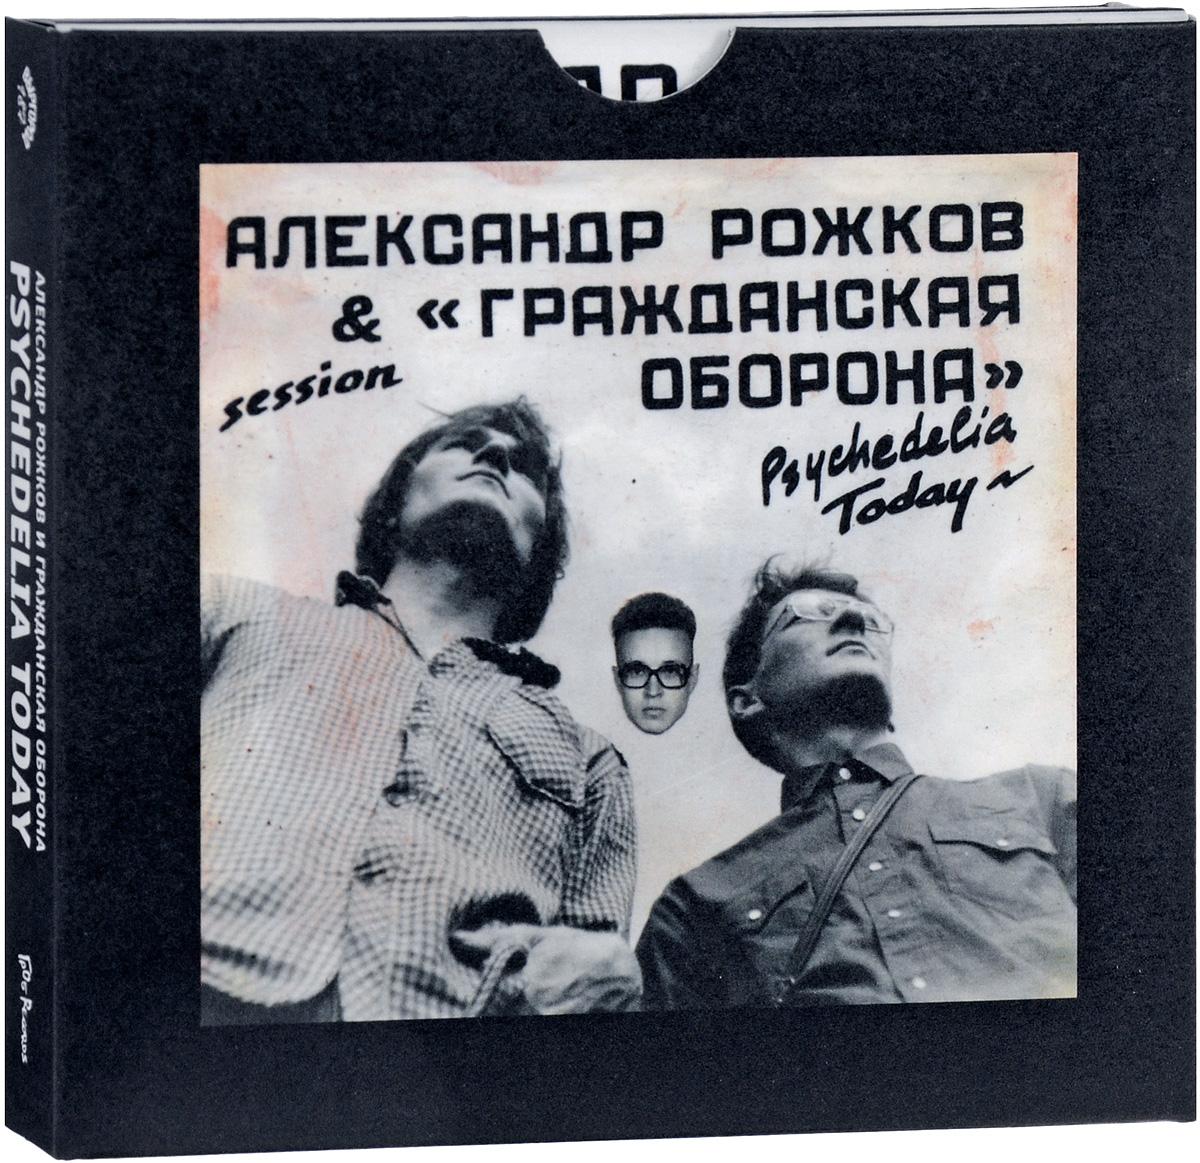 Рожков Александр и Гражданская Оборона. Psychedelia Today (2 CD черно-белая обложка) закончи эту книгу черно белая обложка